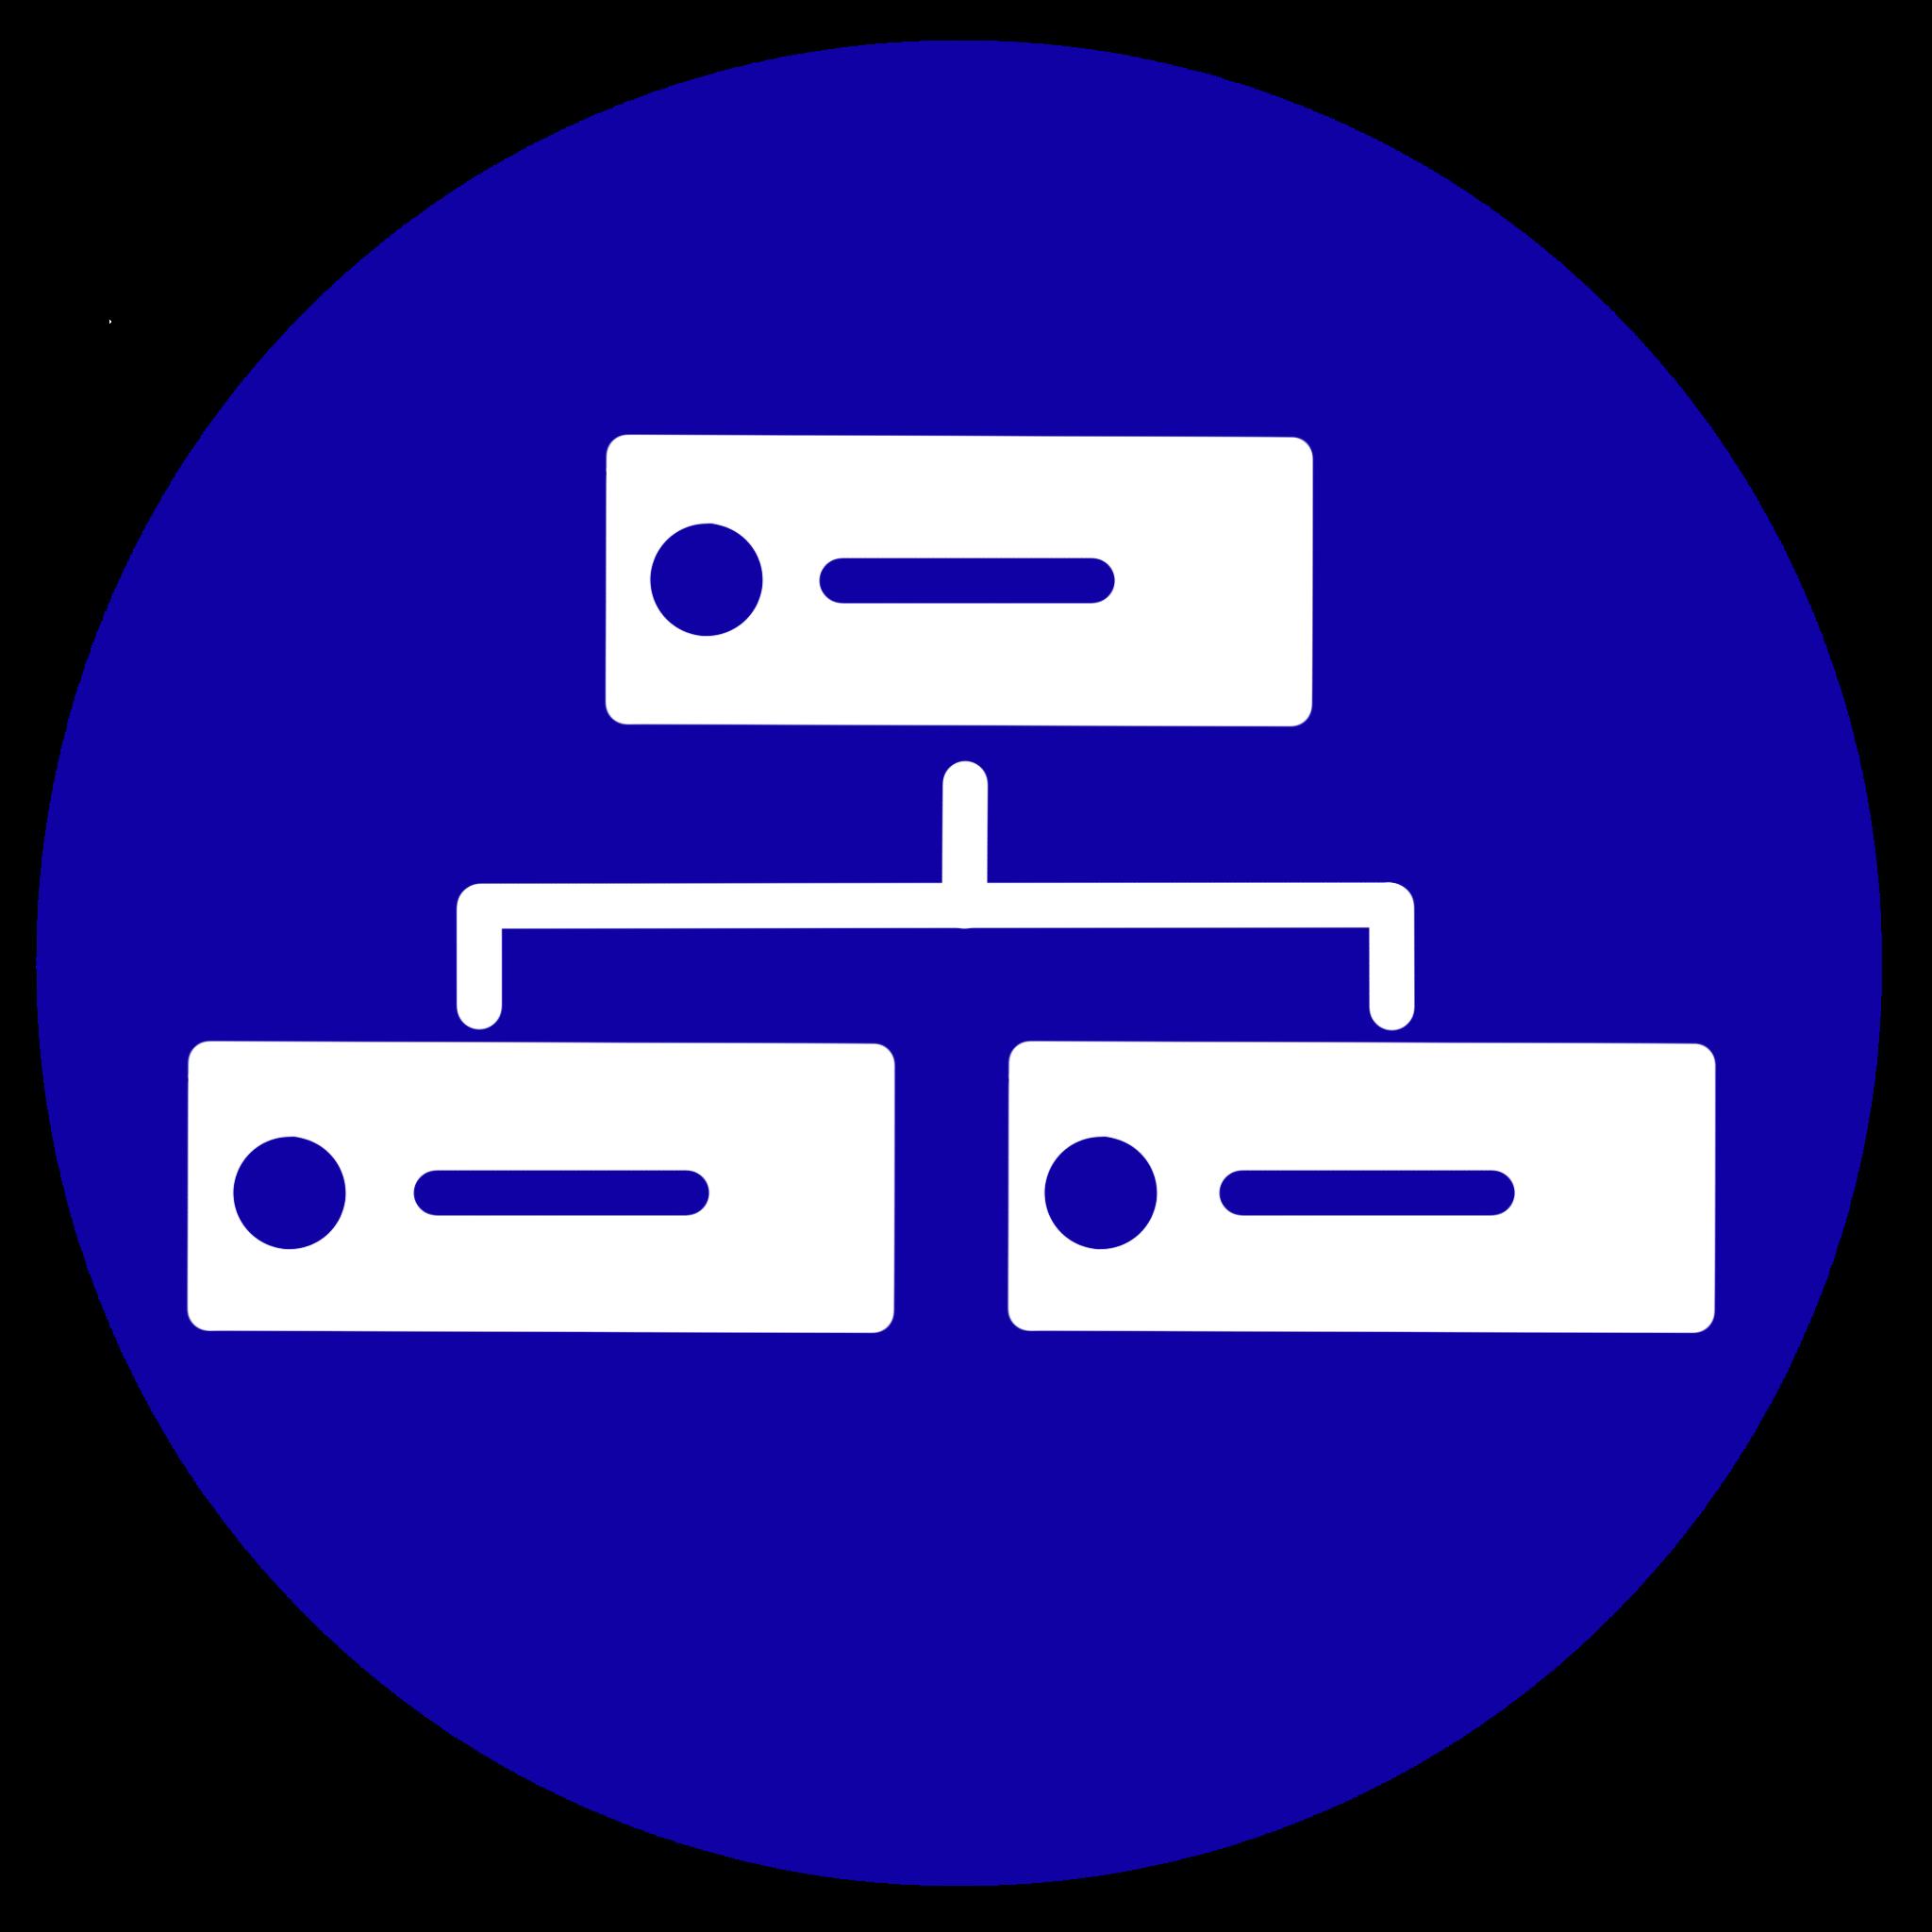 Icono que representa el almacenamiento de datos